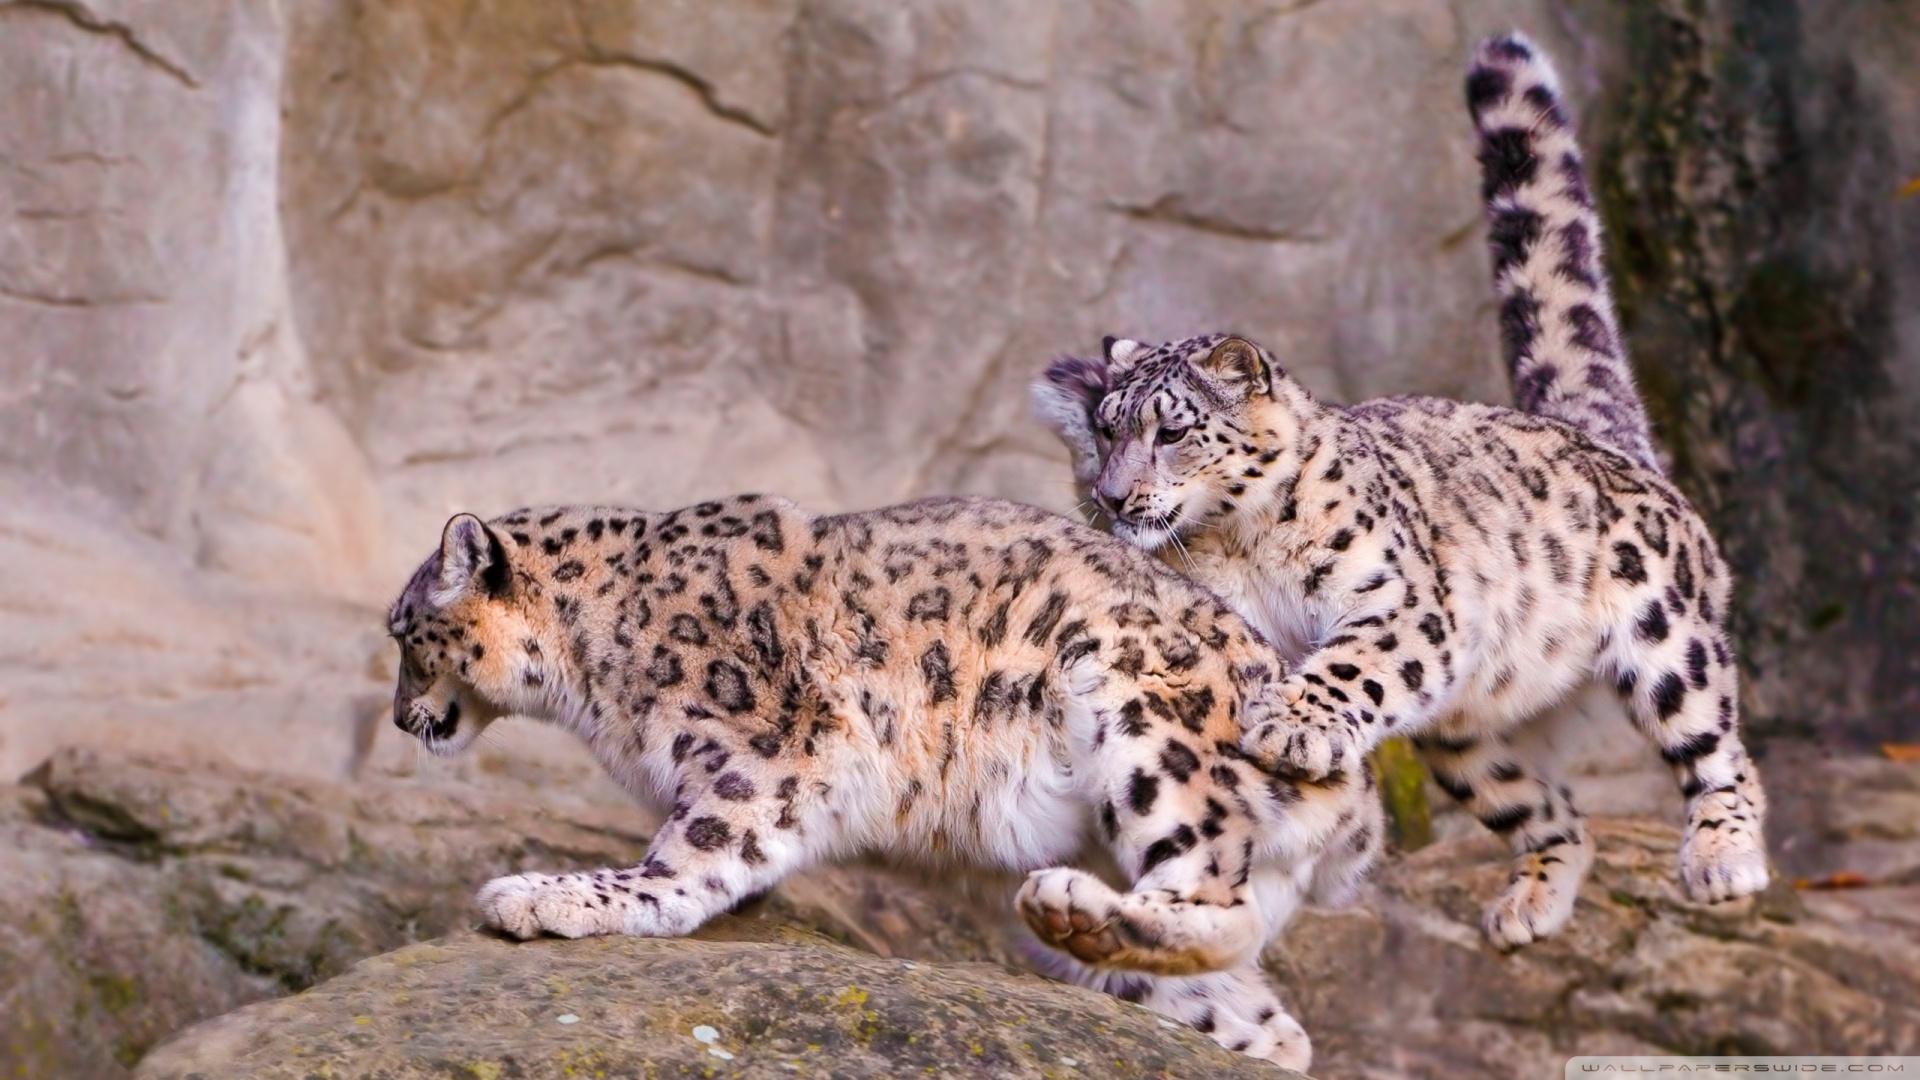 Full Hd 1080p Snow Leopard Wallpapers Hd, Desktop Backgrounds - Snow Leopard 16 9 , HD Wallpaper & Backgrounds